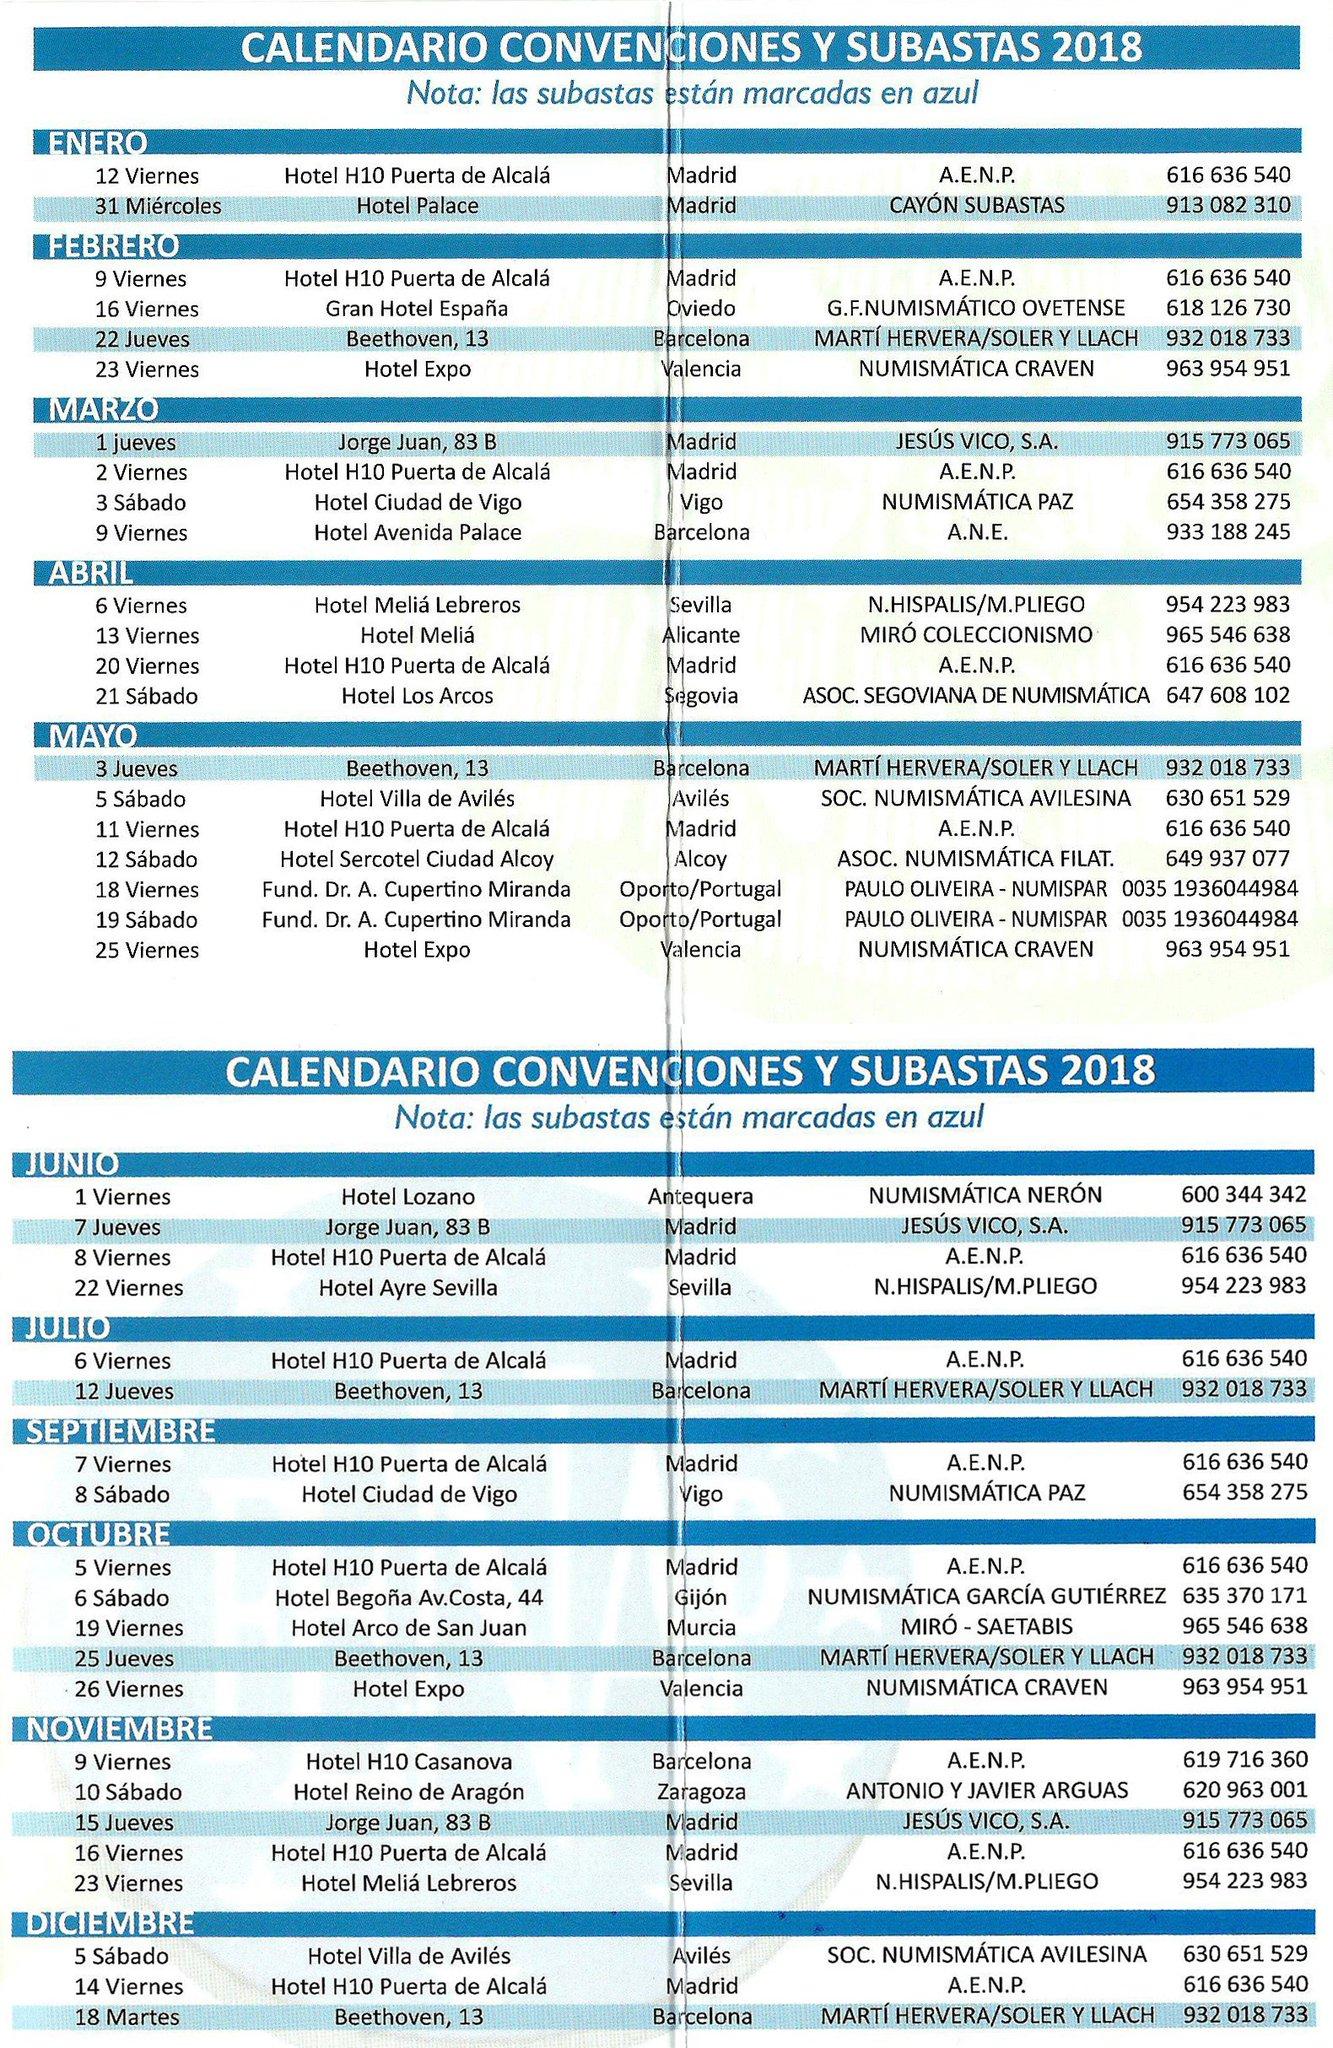 2018 AENP - Convenciones y subastas del calendario de la Asociación Española de Numismáticos Profesionales DRWK9p9W4AAGFgL